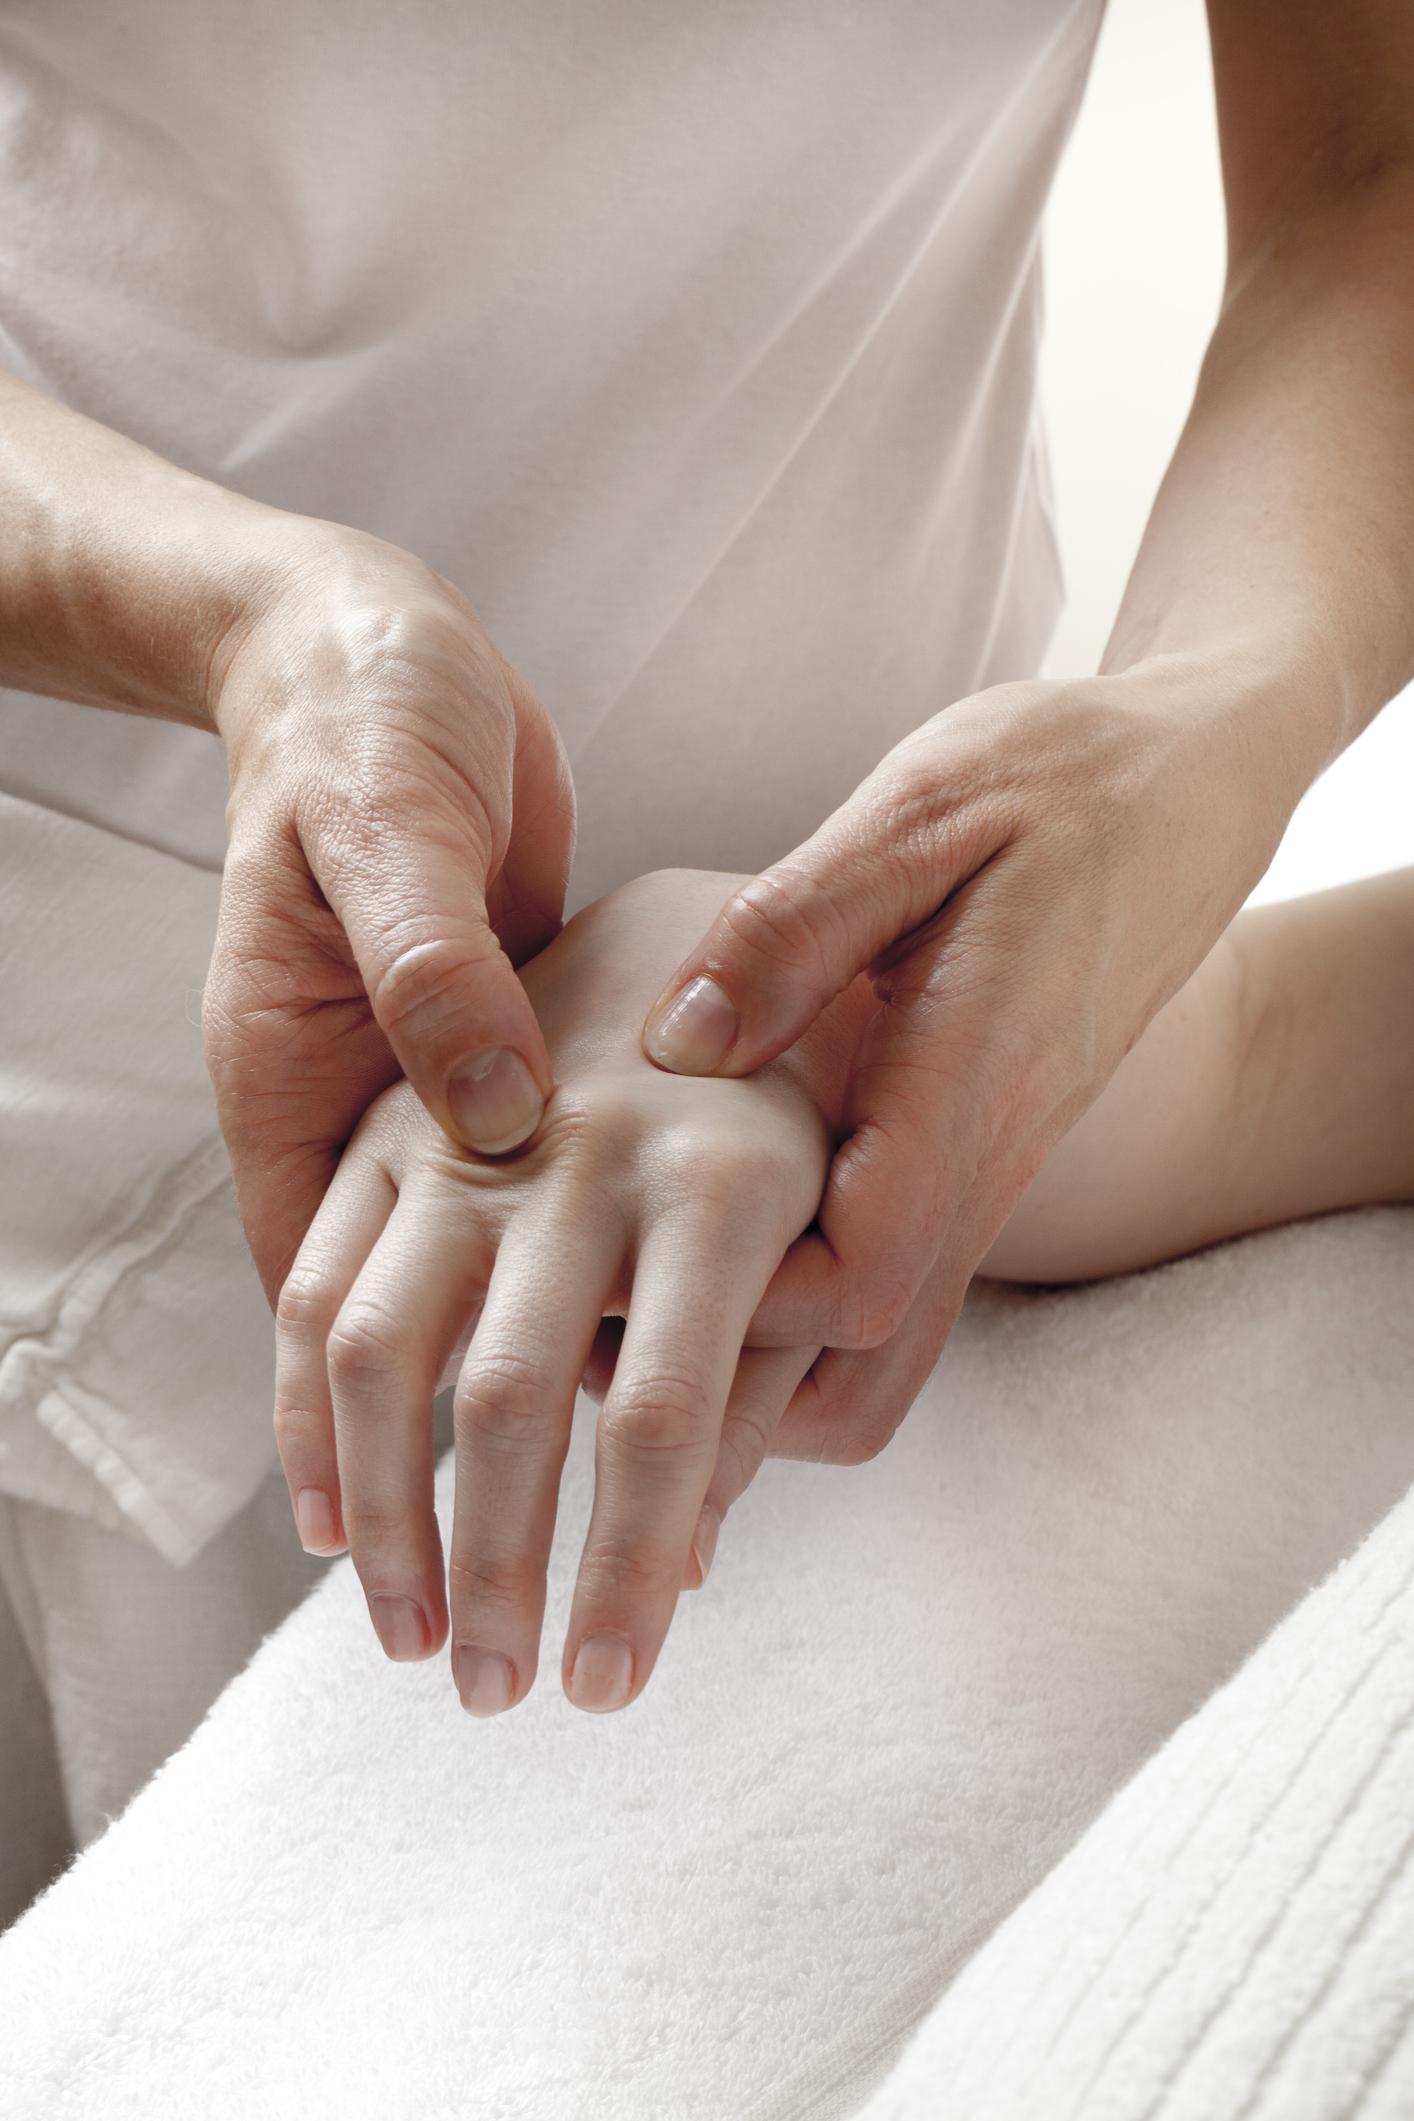 Artrita degetului după accidentare, Totul despre artrita: tipuri, simptome, diagnostic, tratament